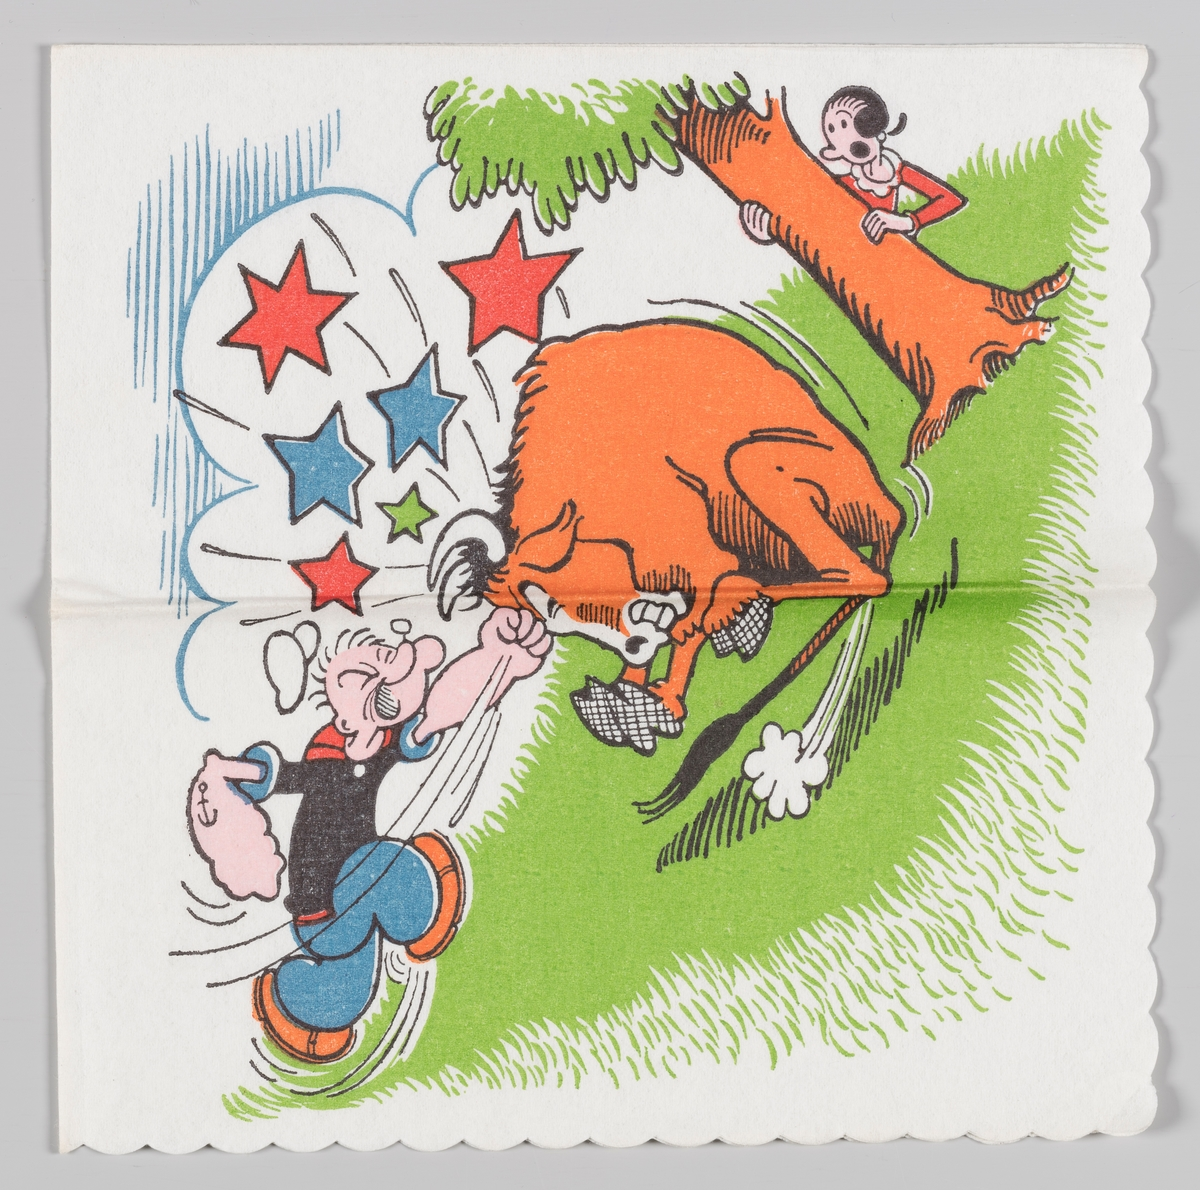 Skipper`n slår en okse i pannen så den ser stjerner, mens Olivia gjemmer seg bak et tre.  Skipper`n på engelsk kal Popeye the Sailor er en amerikansk tegneserie og tegnefilmfigur. Han ble skapt av Elzie Crisler Segar og ble første gang presentert i 1929. Skipper`n ble svært populær i Norge. I 1947 til 1959 utga Allers et ukentlig serieblad med figuren, 1967-1970 utga Romanforlaget serien.  Skipper`n er også motiv på serviett MIA.00007-003-0056